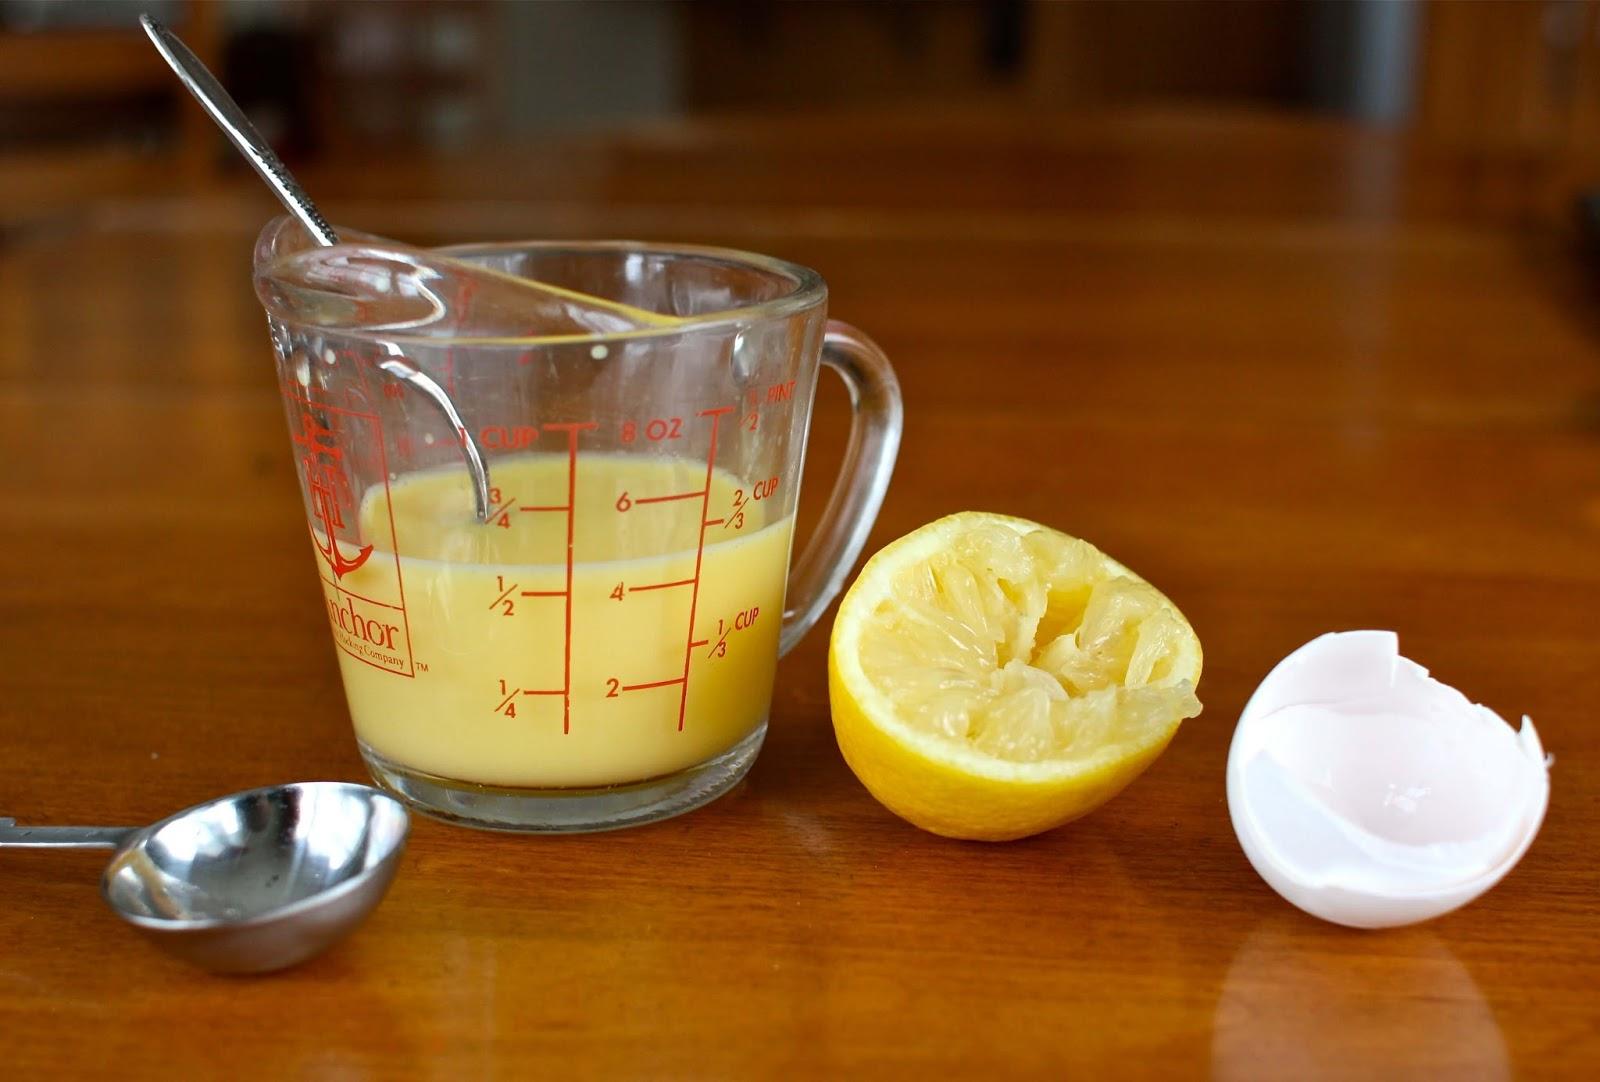 البيض وعصير الليمون